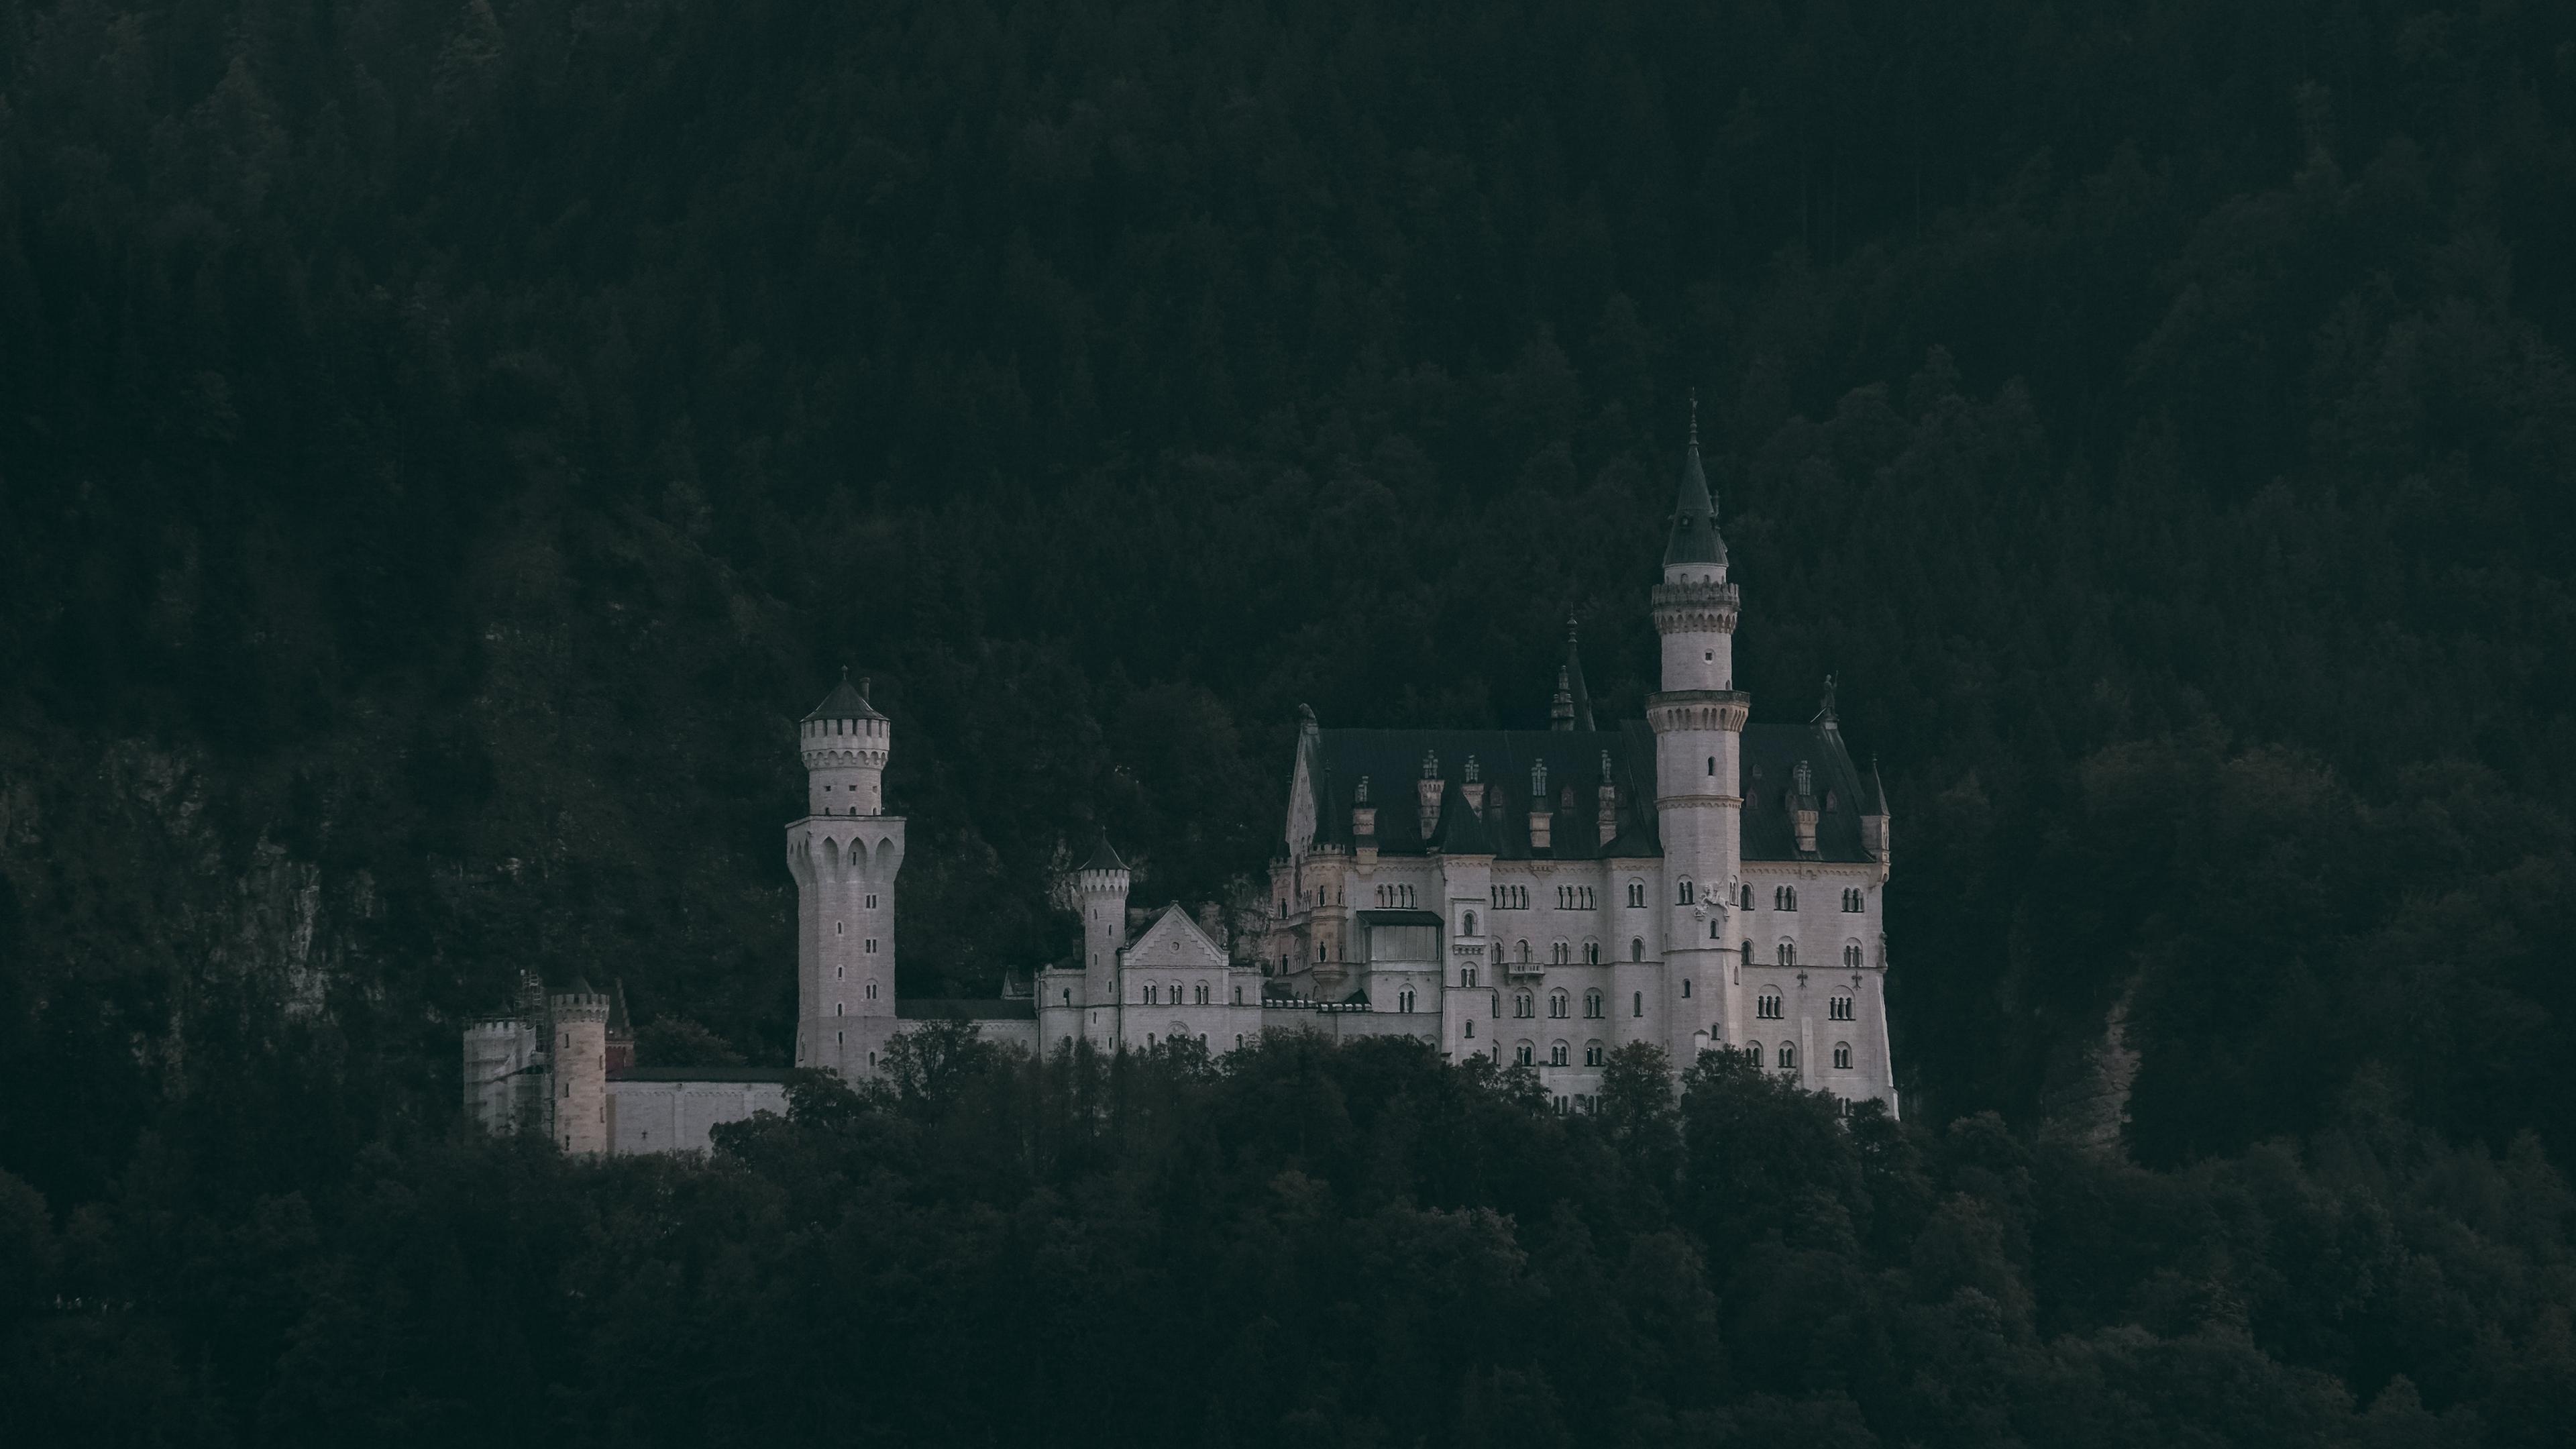 castle trees neuschwanstein castle forest mountains schwangau germany 4k 1541113681 - castle, trees, neuschwanstein castle, forest, mountains, schwangau, germany 4k - Trees, neuschwanstein castle, Castle